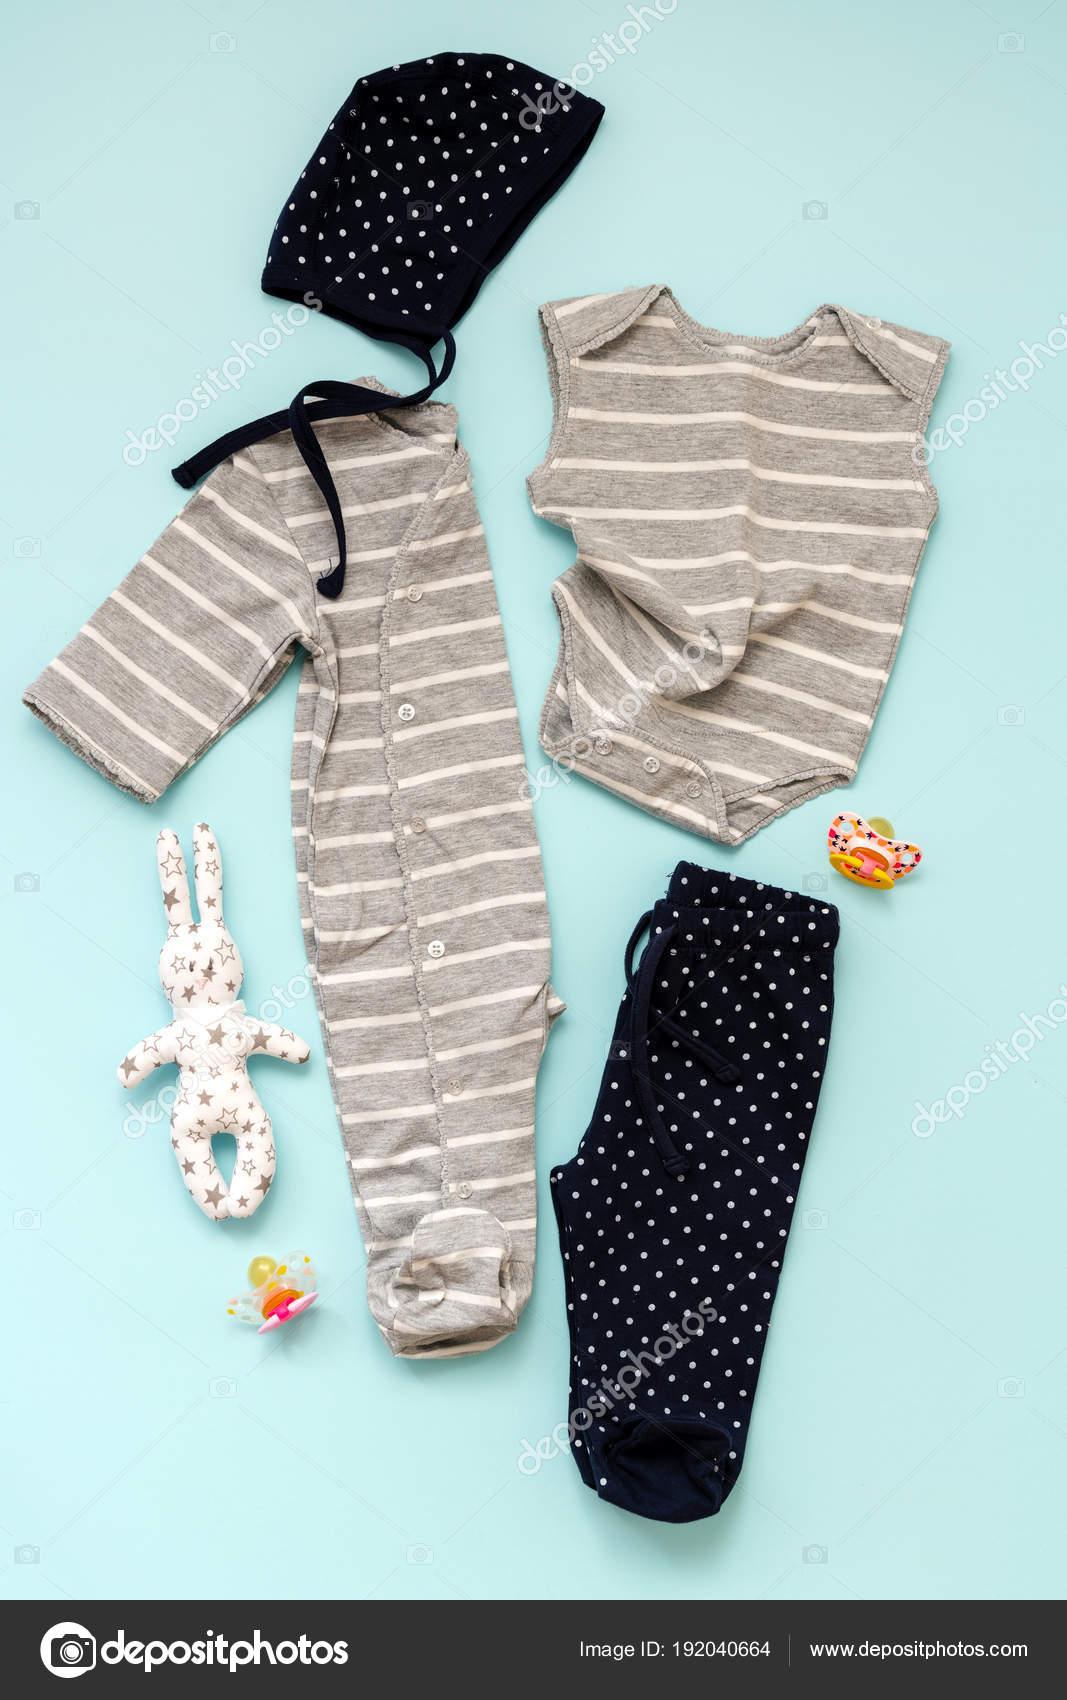 8fd8c9e8002 Συλλογή Από Παιδικά Ρούχα Για Νεογέννητο Αγόρι Και Κορίτσι Μπλε — Φωτογραφία  Αρχείου